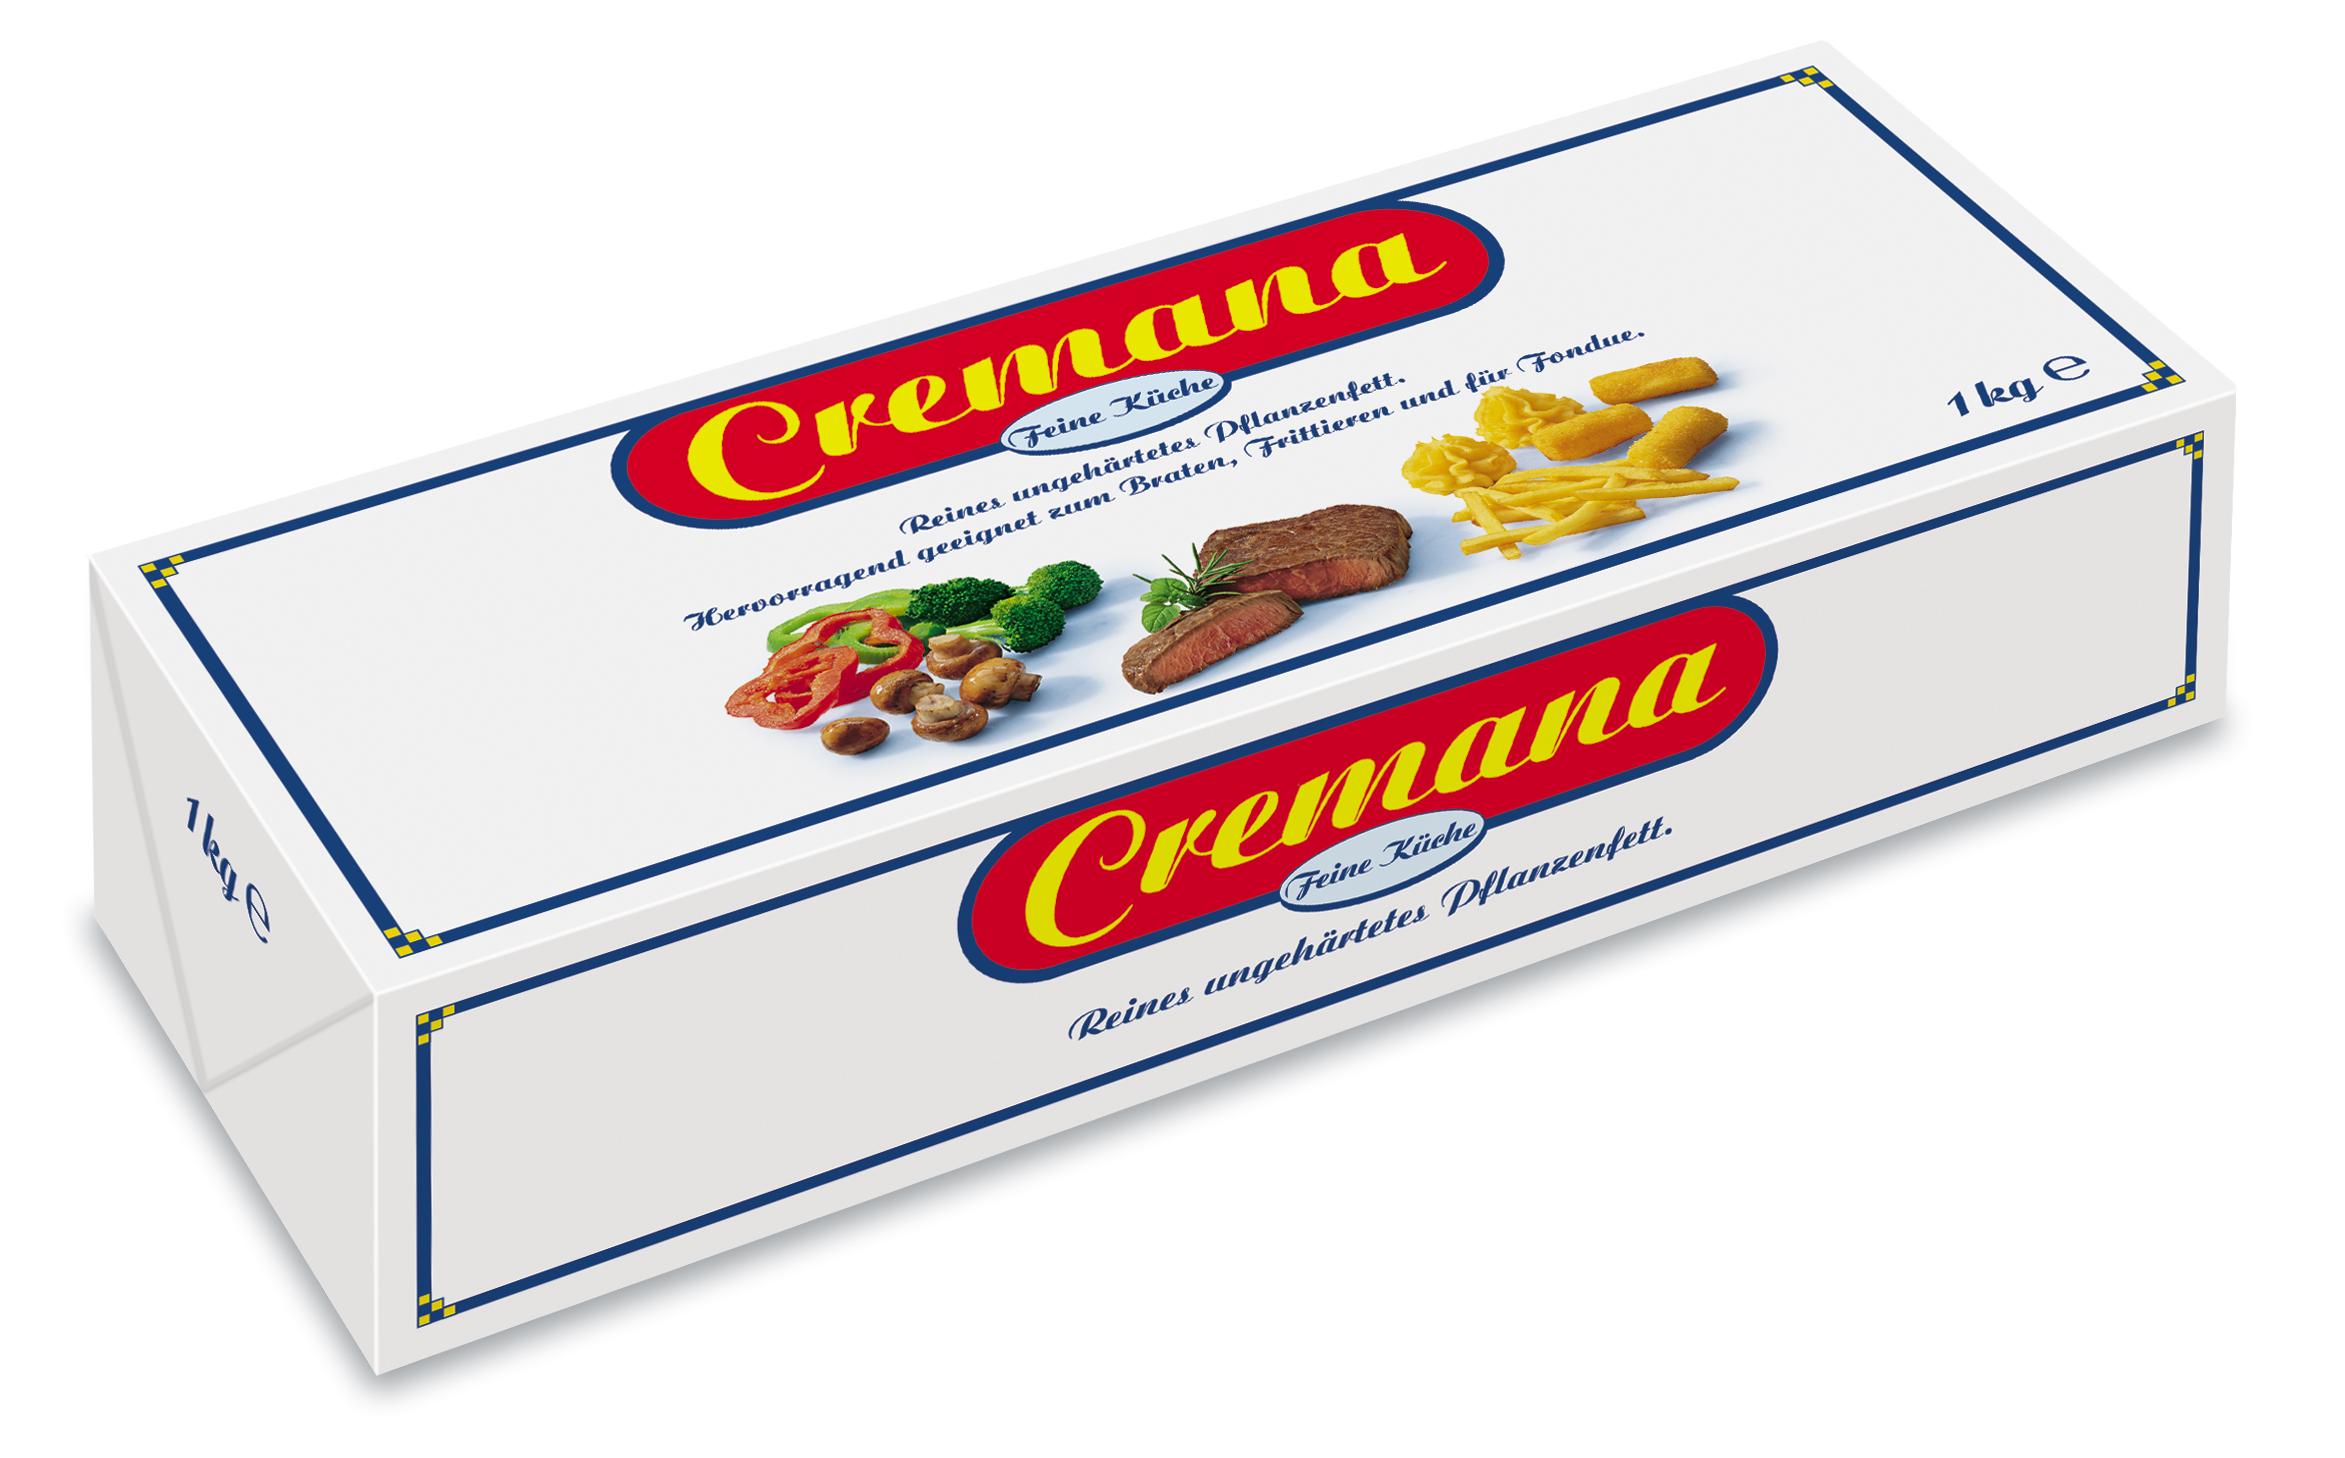 Cremana Feine Kuche 1 Kg Stange 1 Kilogramm Globus Sb Warenhauser Deutschland Mynetfair